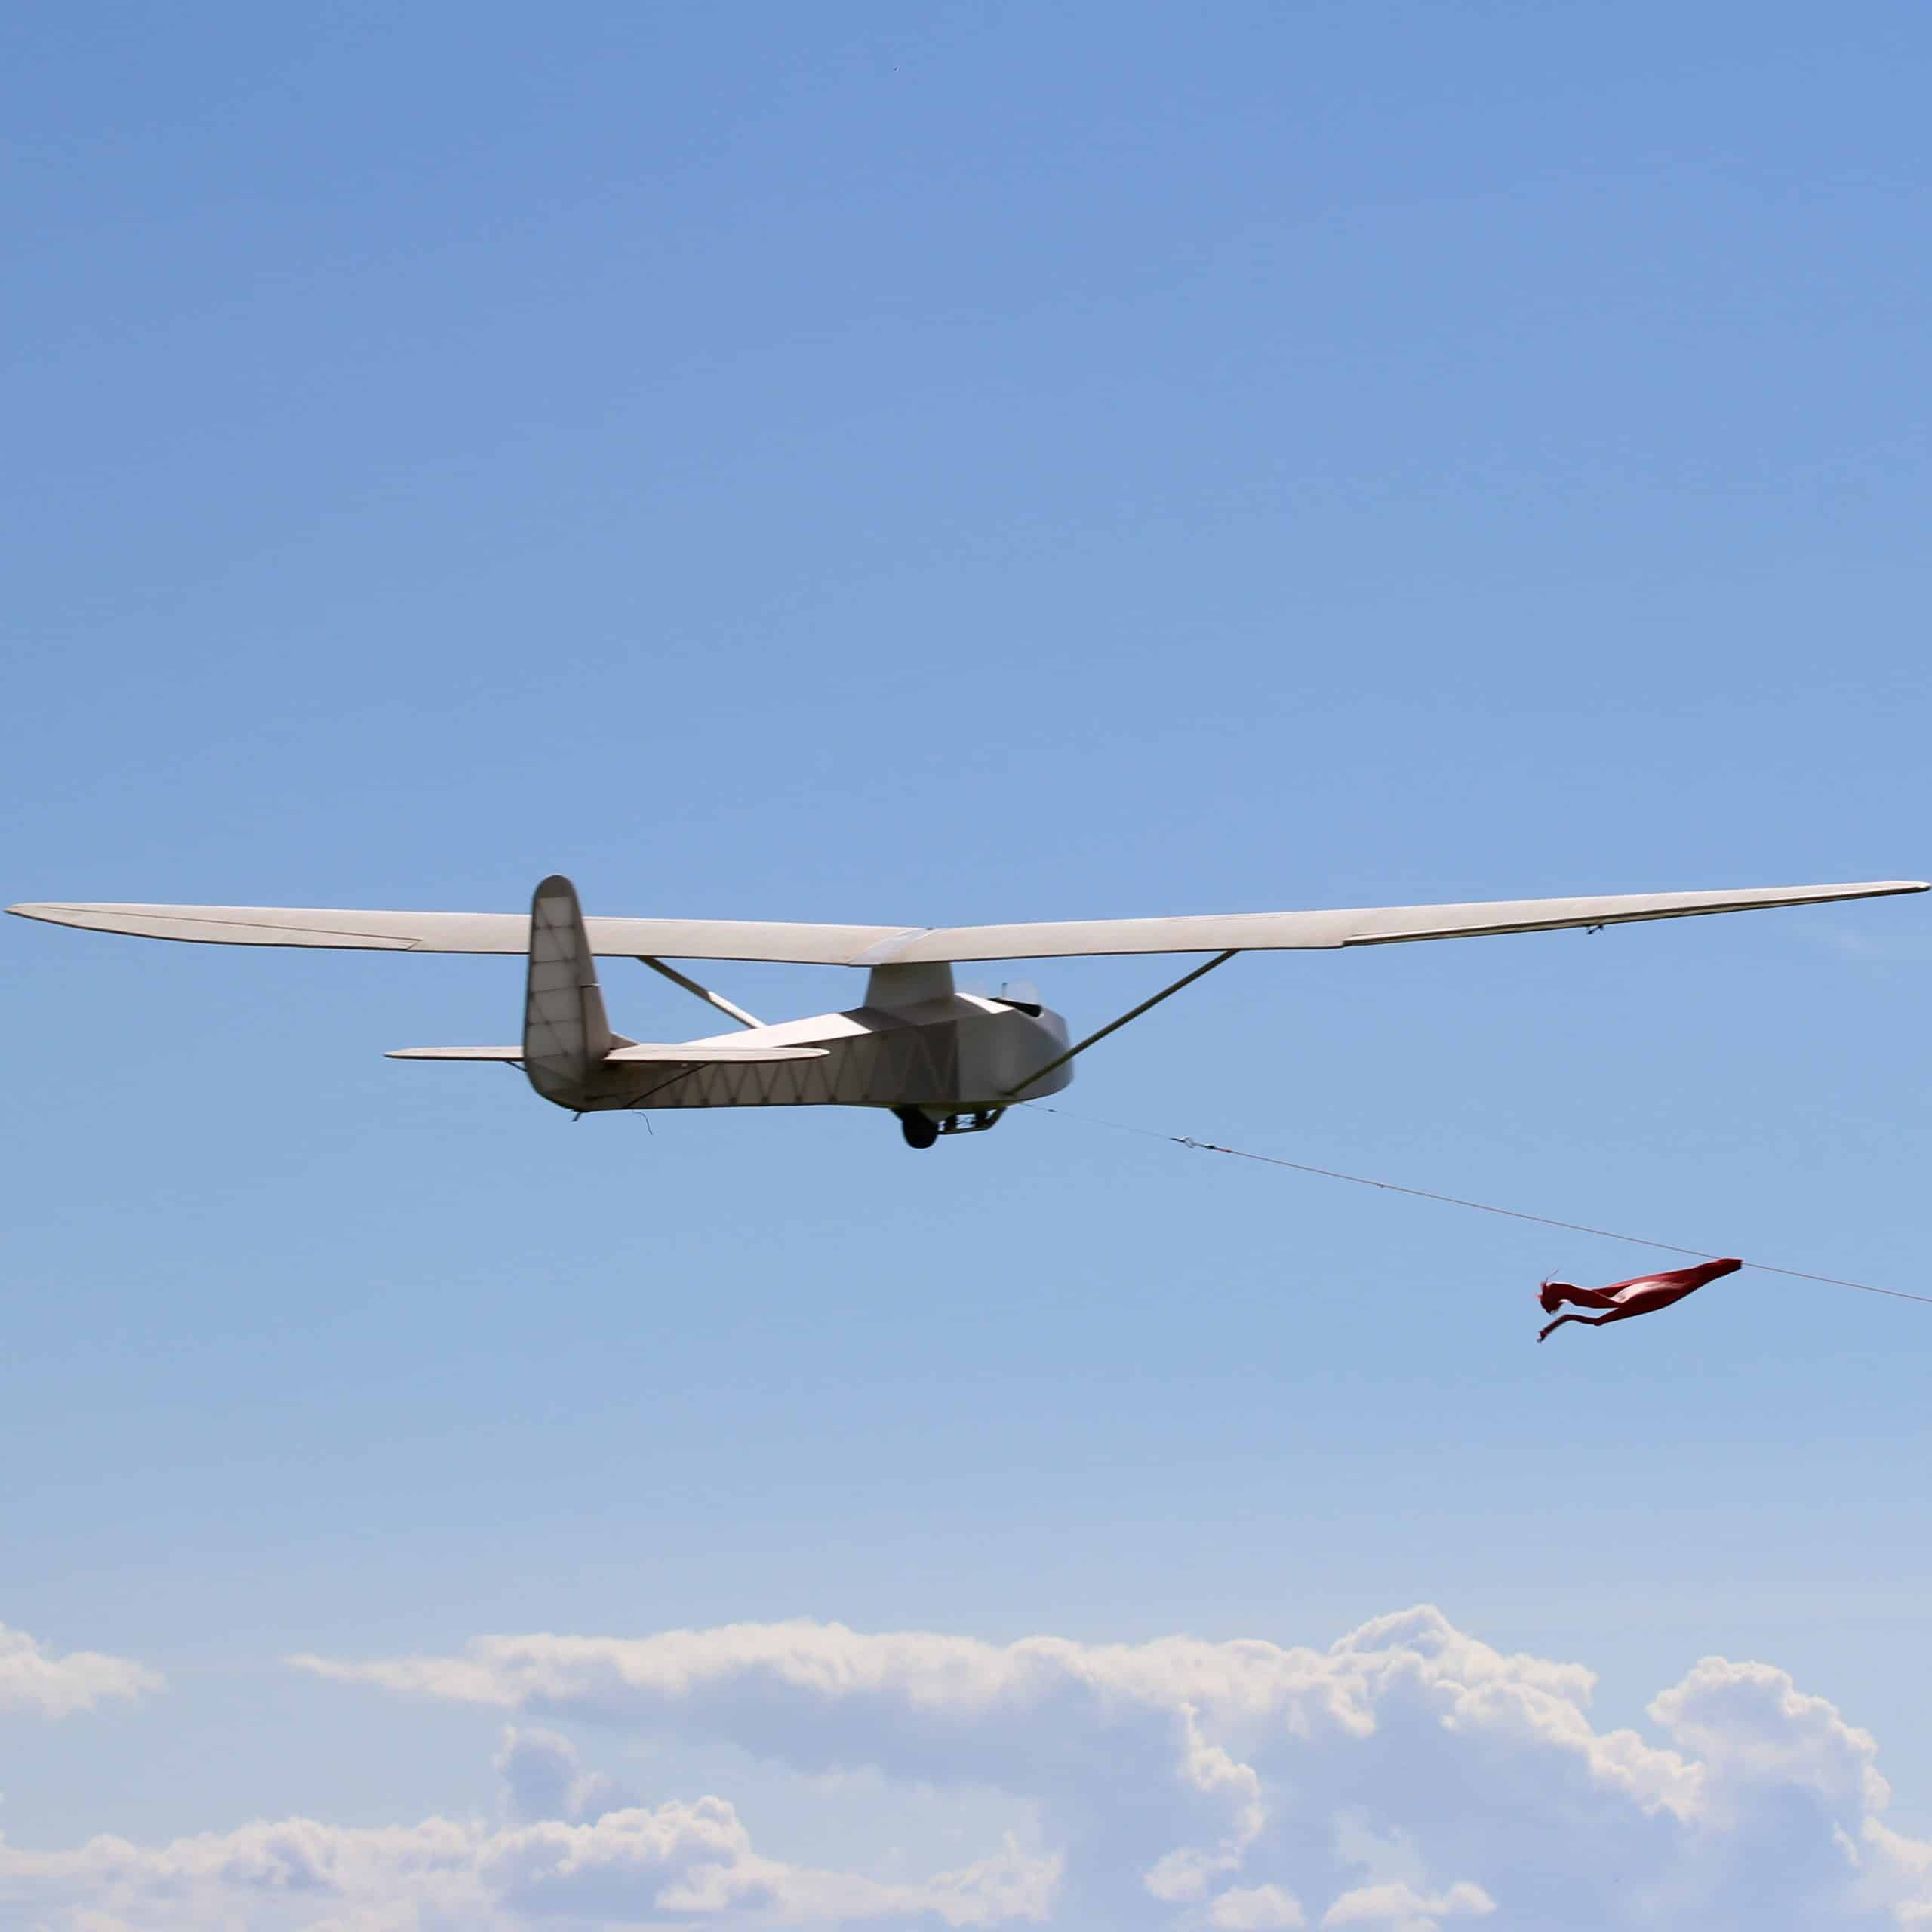 sherlowe aerotow 2021